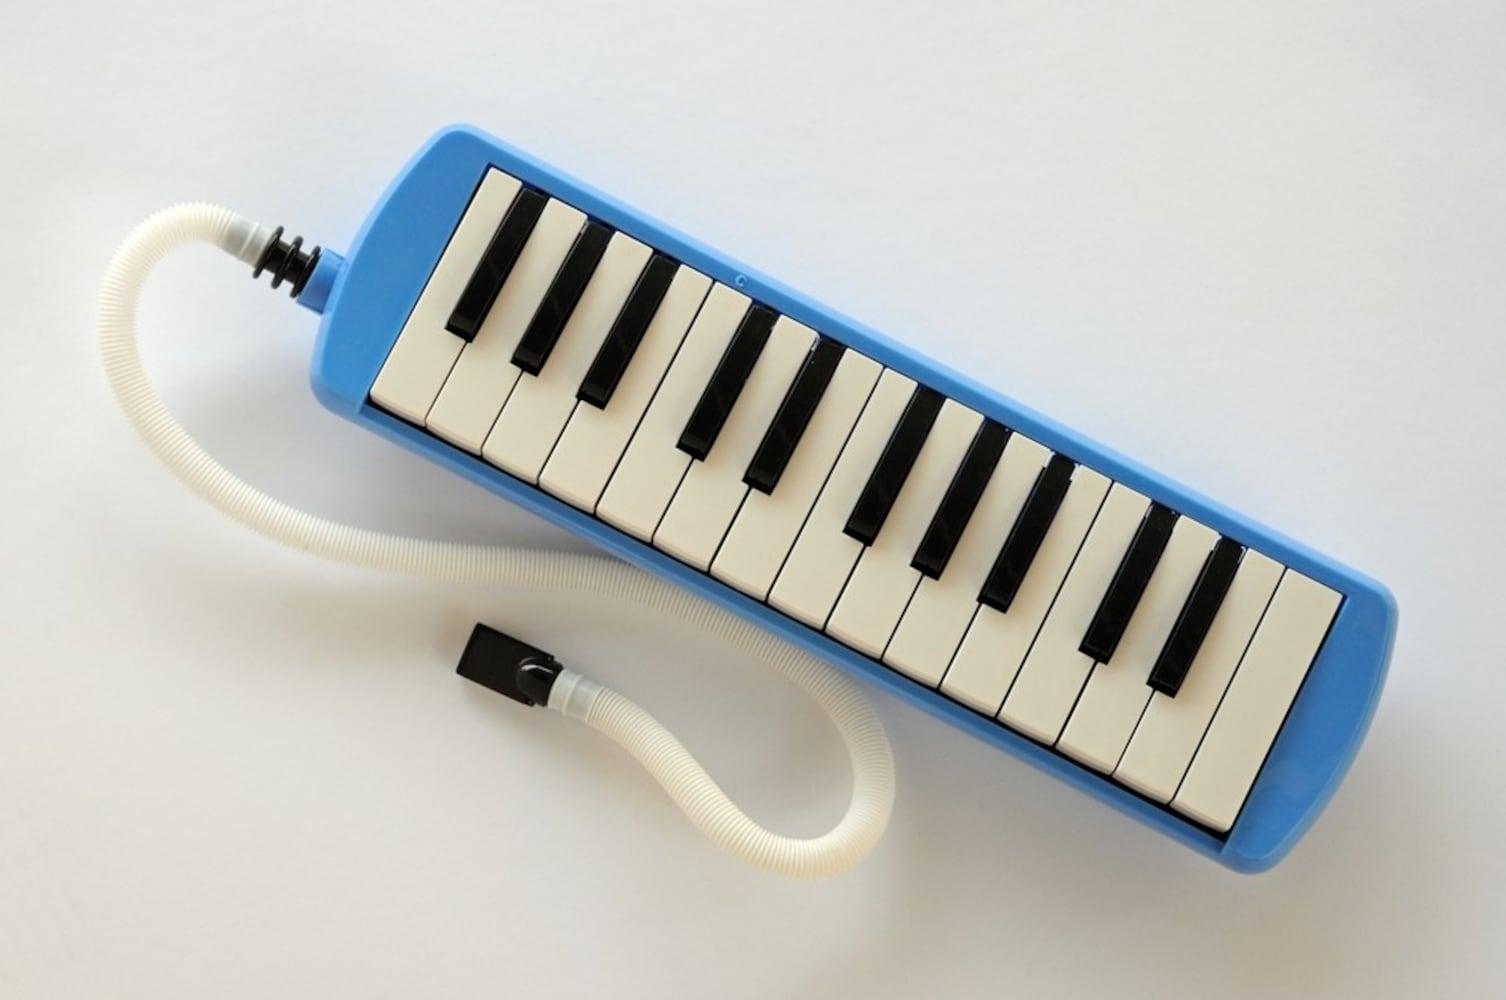 鍵盤ハーモニカホースの洗い方 お手入れ方法をご紹介!